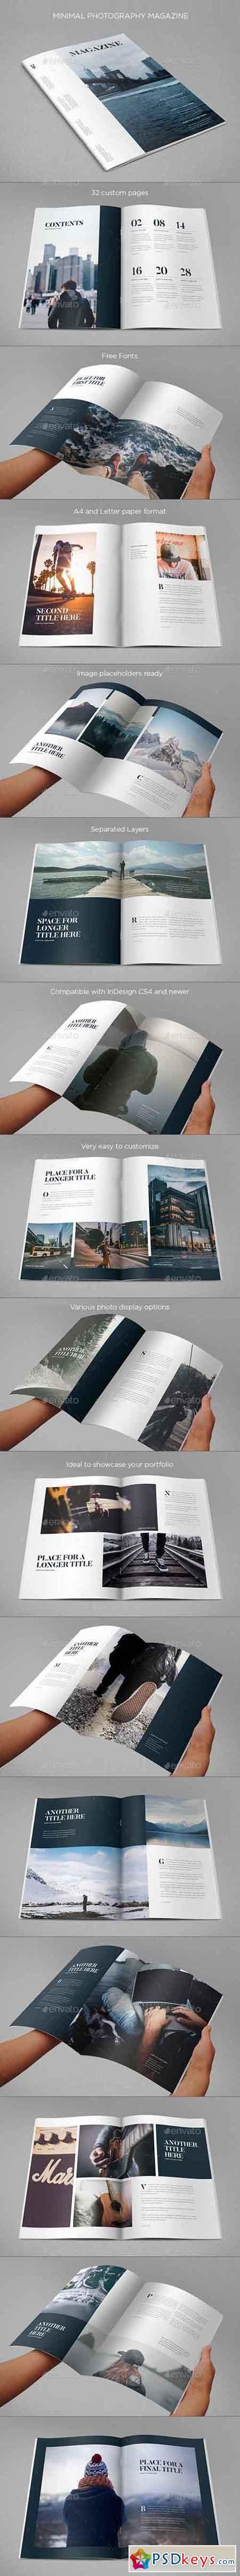 Minimal Photography Magazine 17382865